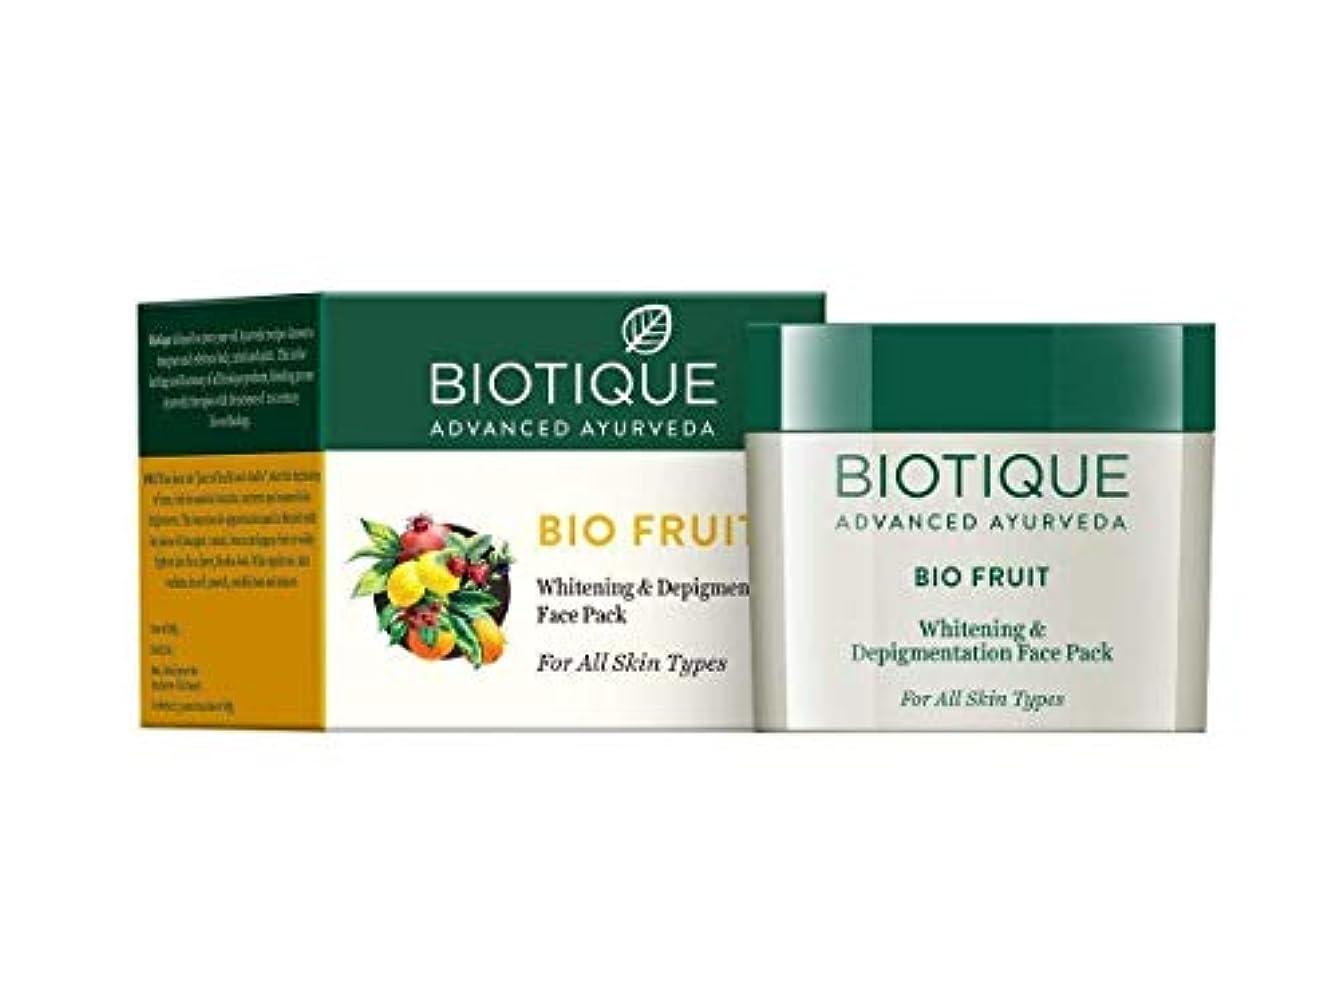 結果筋肉の運命Biotique Fruit Whitening & Depigmentation Face Pack 75g soft smooth Skin tone ビオティックフルーツホワイトニング&デピグメントフェイスパックソフトスムーススキントーン